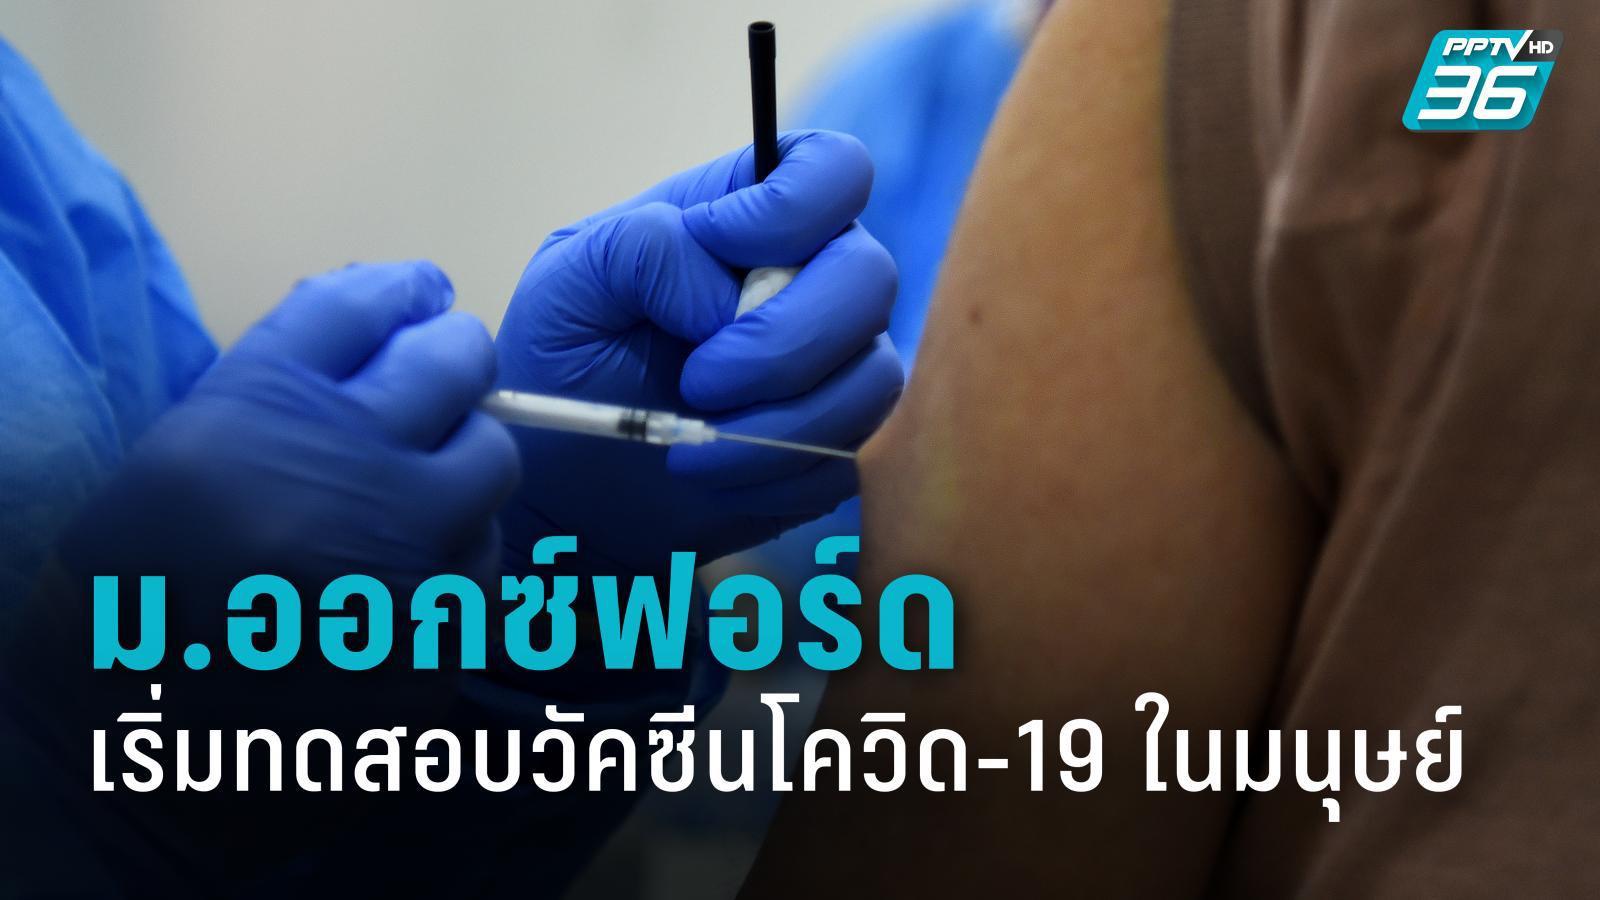 วัคซีนออกซ์ฟอร์ด ต้านโควิด-19  เริ่มทดสอบในมนุษย์